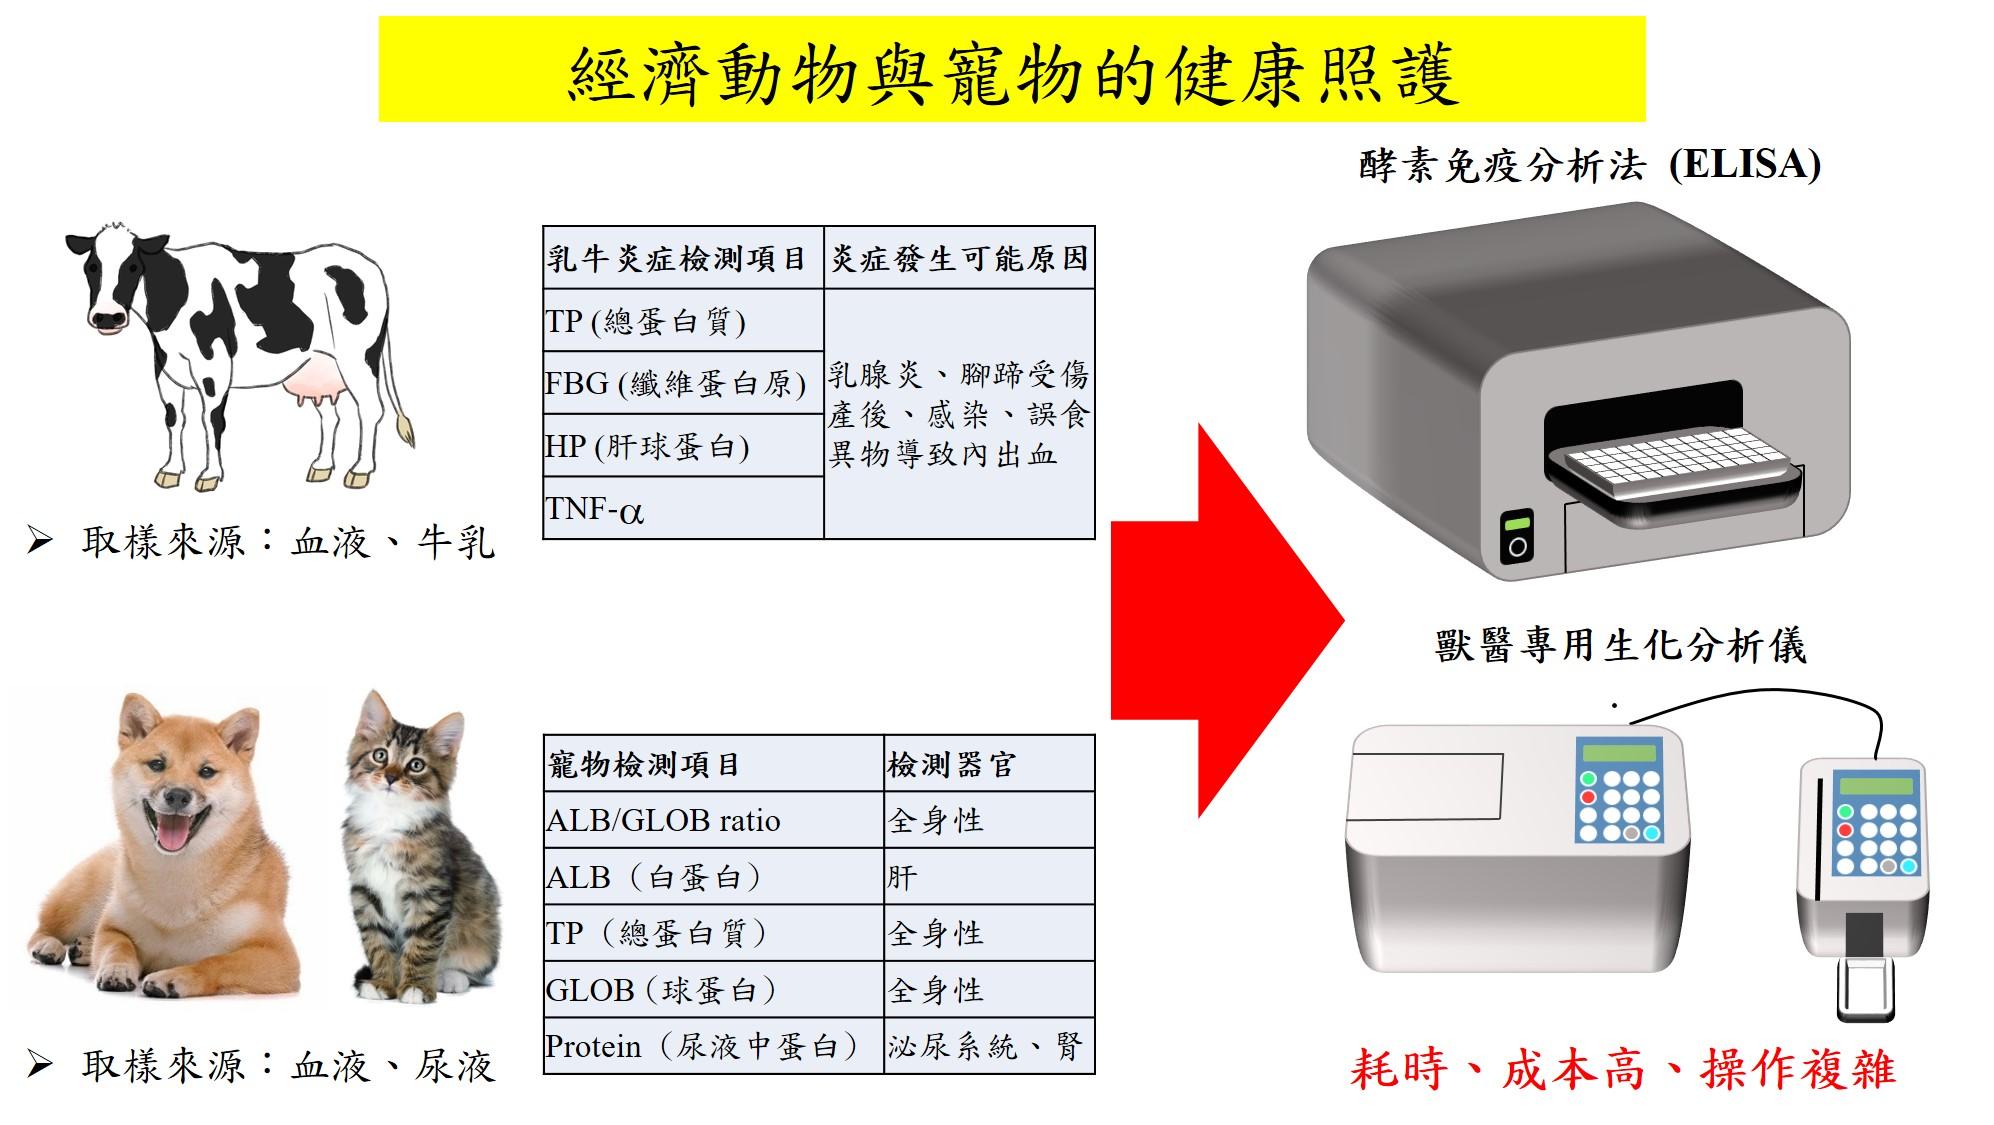 Smart medical diagnostic box for veterinarians